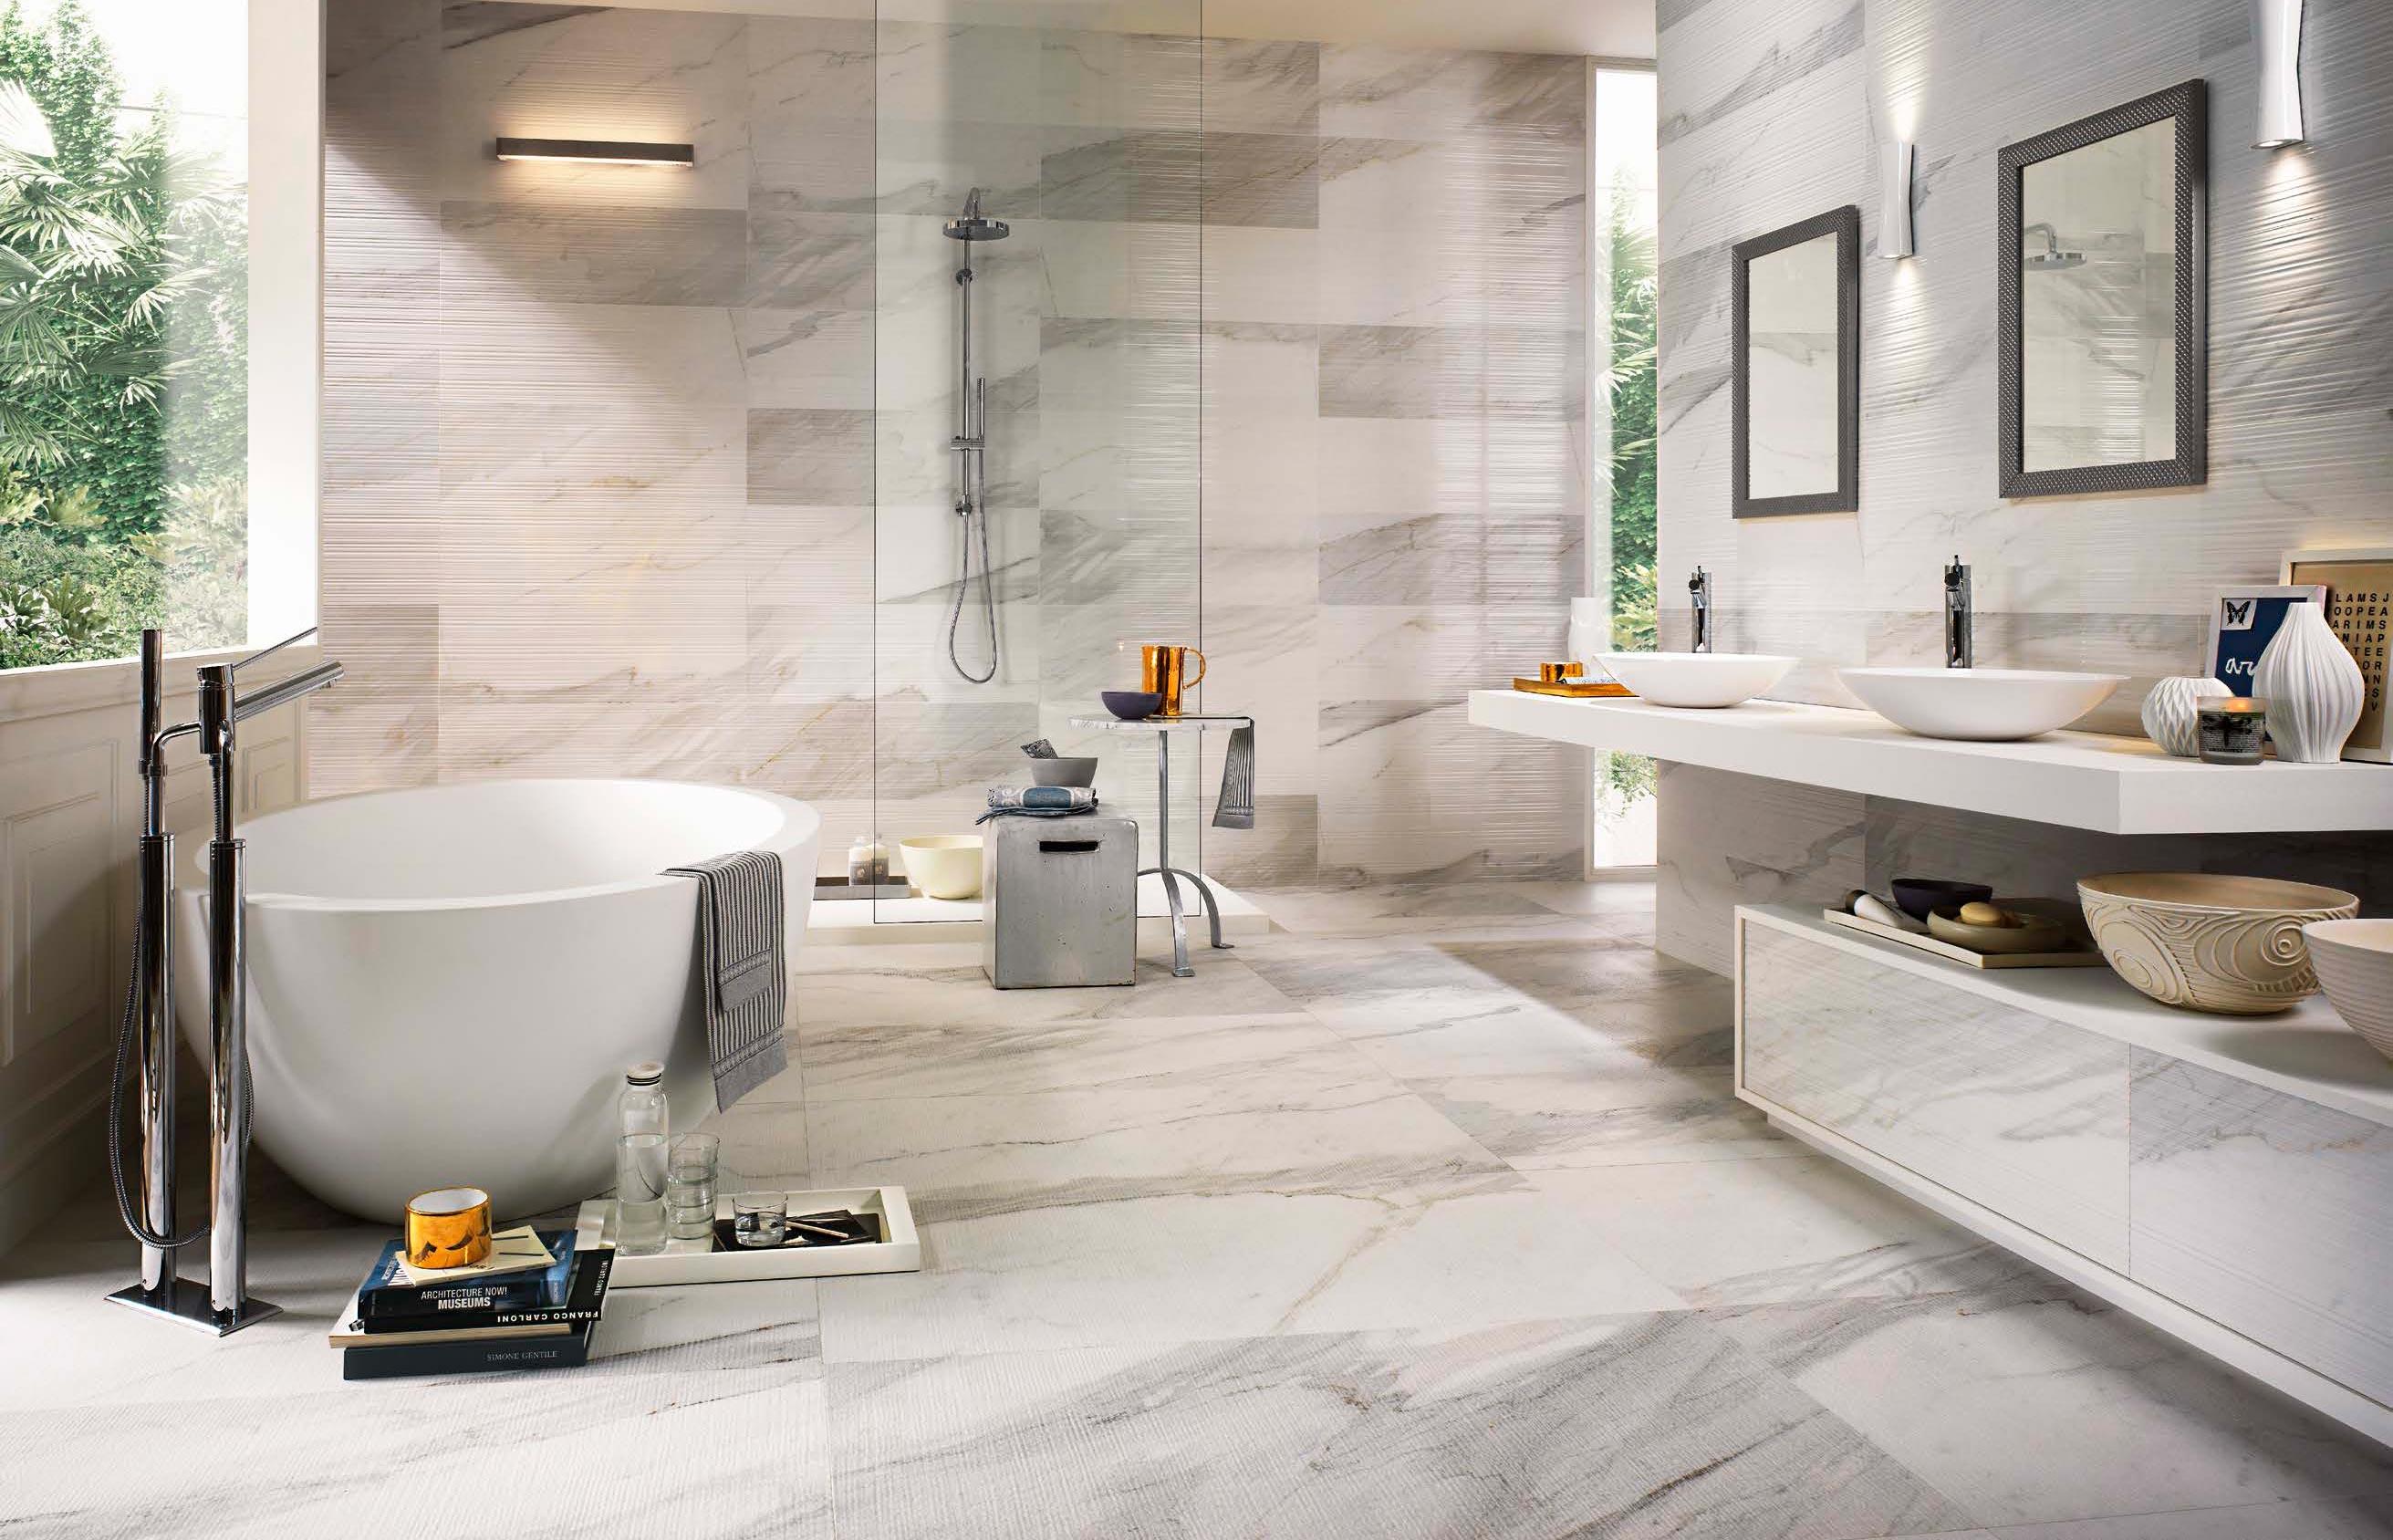 Искусственные или натуральные Плитки под мрамор для ванной